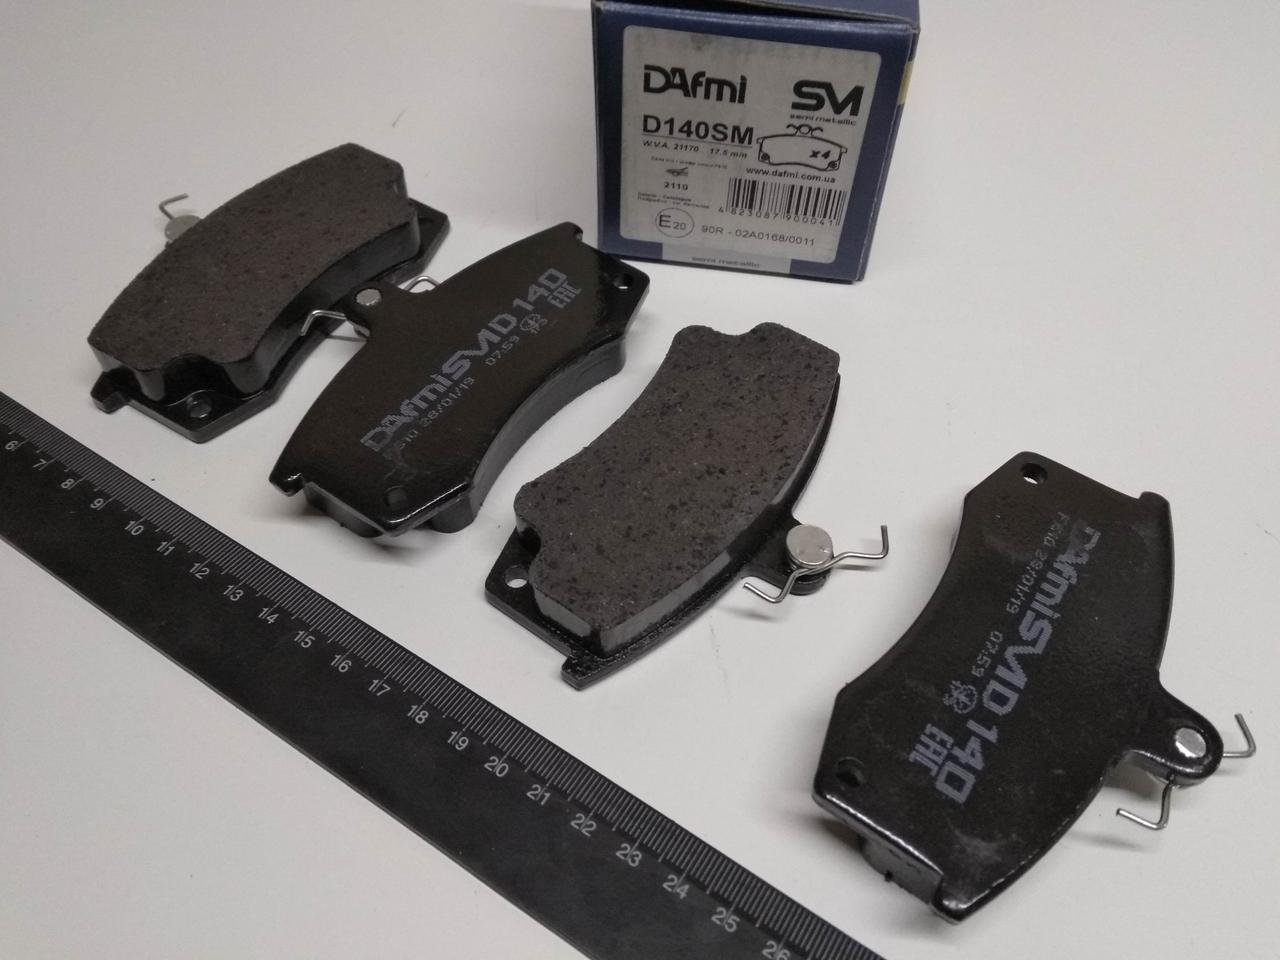 Колодки передние тормозные ВАЗ 2110, Dafmi  SM (Д301СМ)